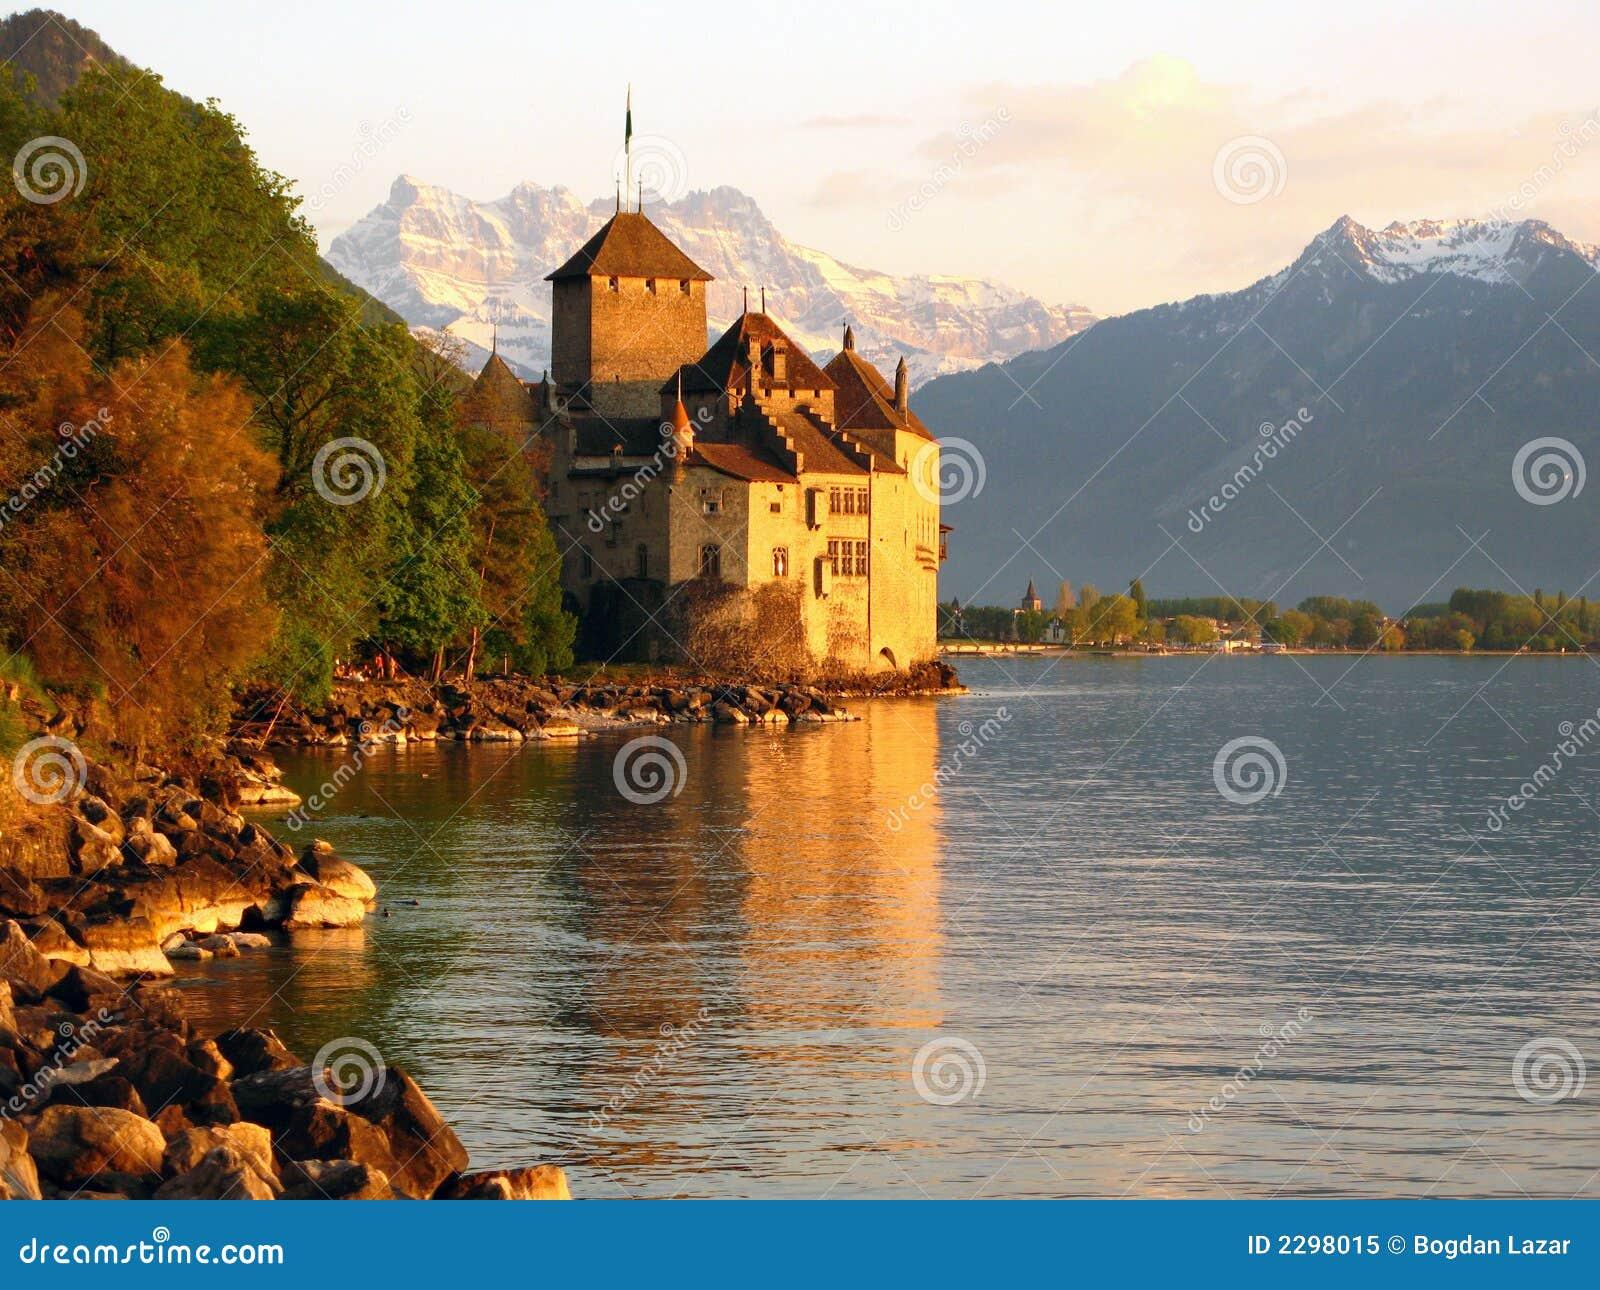 Zurich szwajcaria randki online